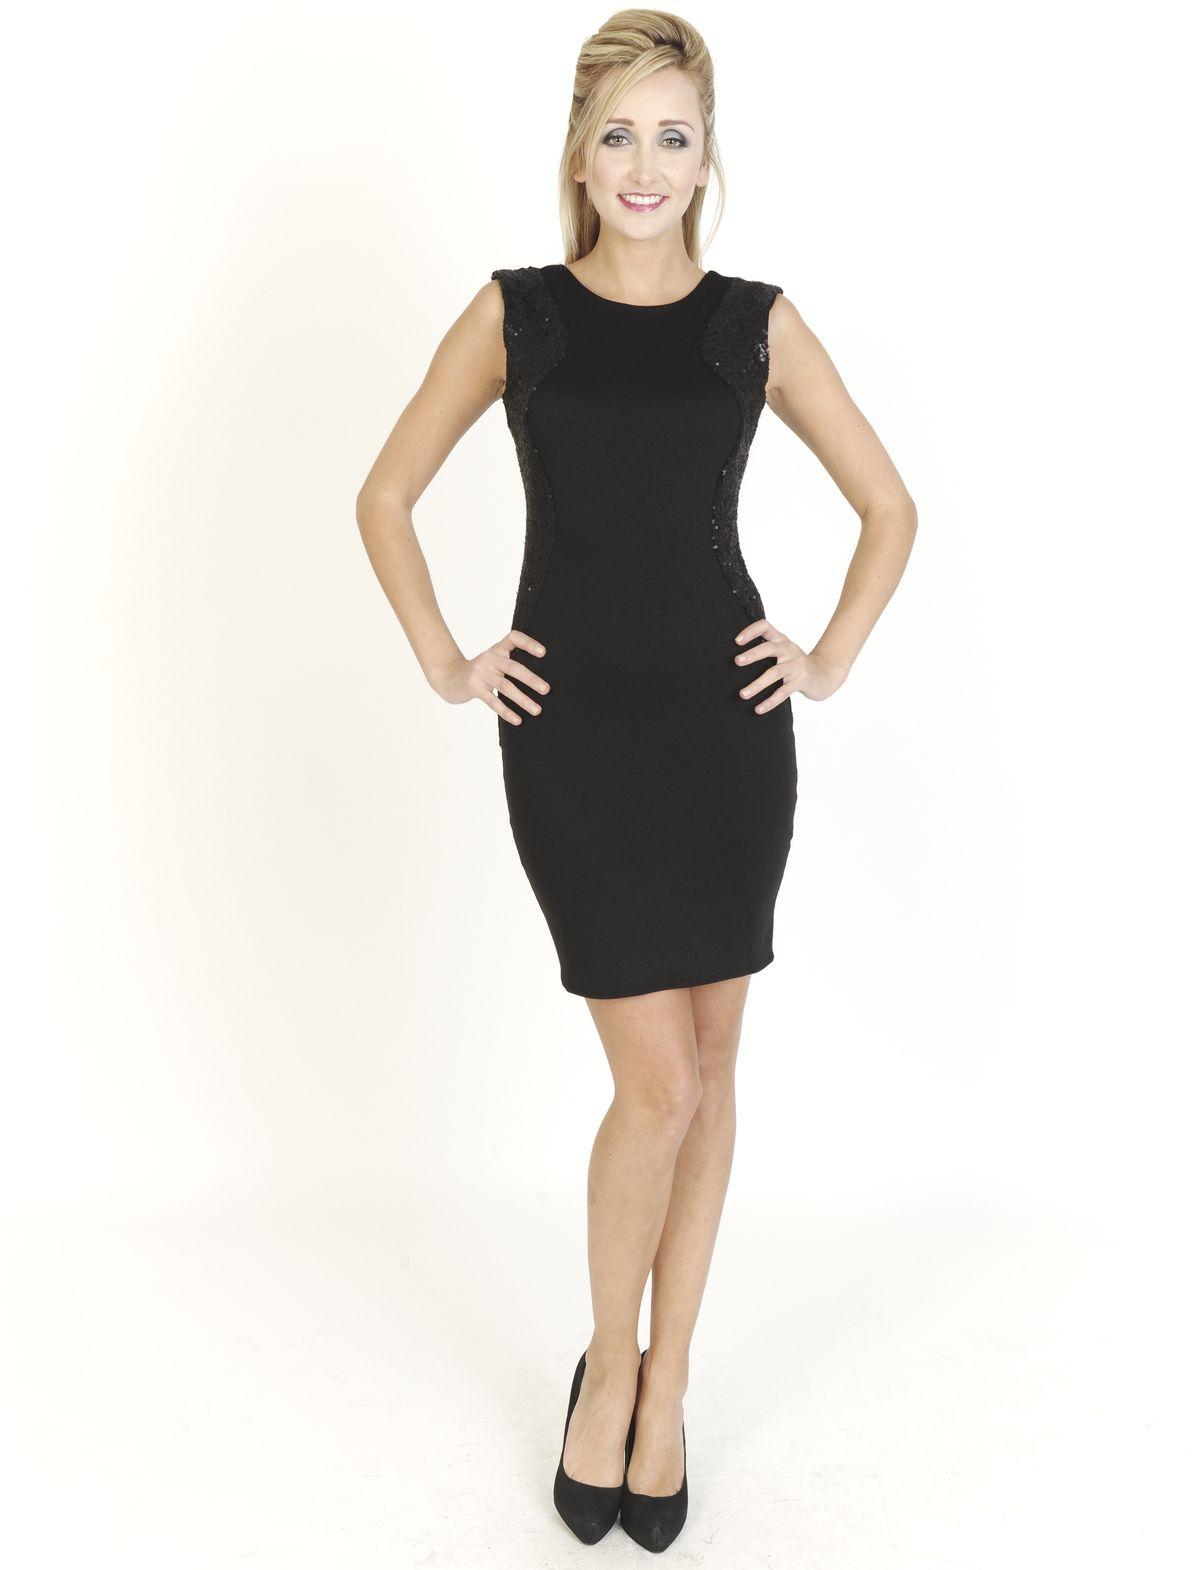 Black Dresses - Jersey Sequin Shift Black Dress - http://www.blackdresses.co.uk